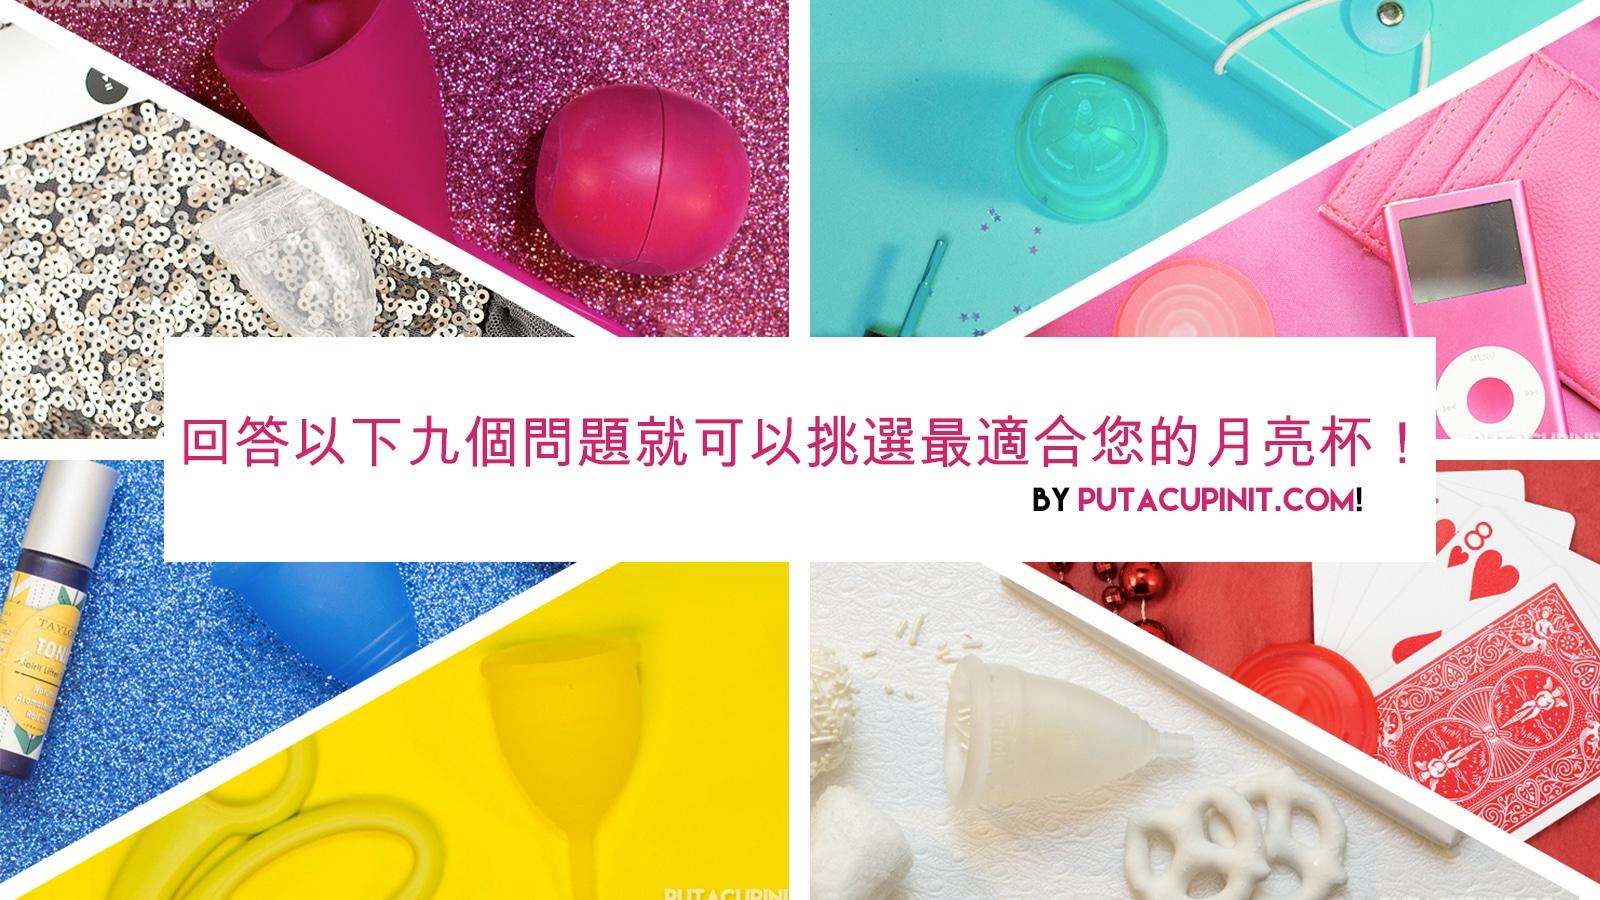 回答以下九個問題就可以挑選最適合您的月亮杯!(Traditional Chinese)